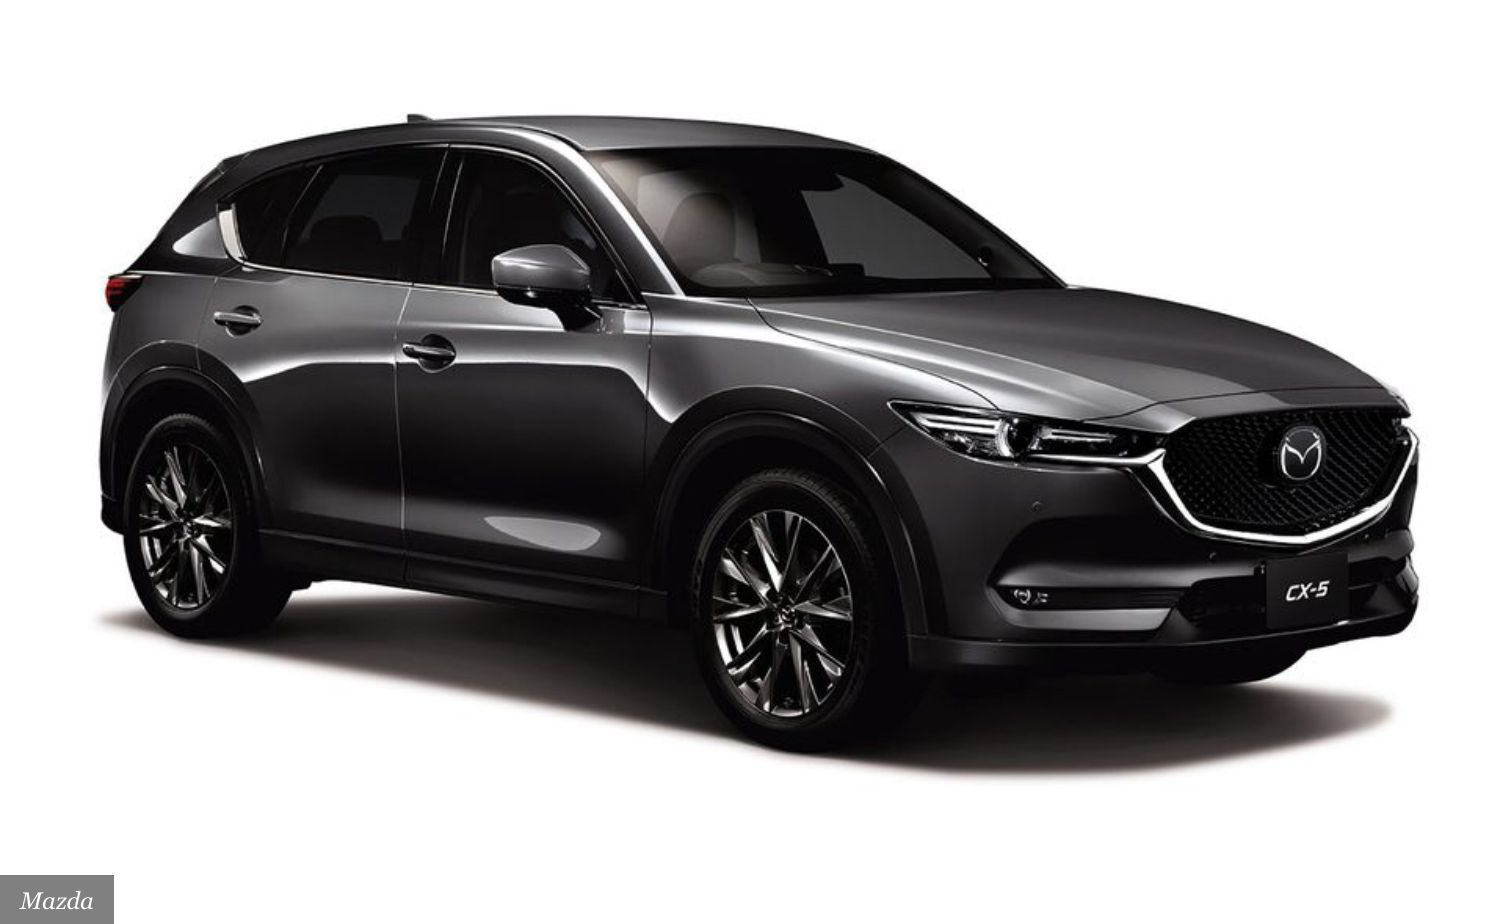 2019 Mazda Cx 5 Upcoming Release By End Of 2018 Mazda Suv Mazda Cars Mazda Cx5